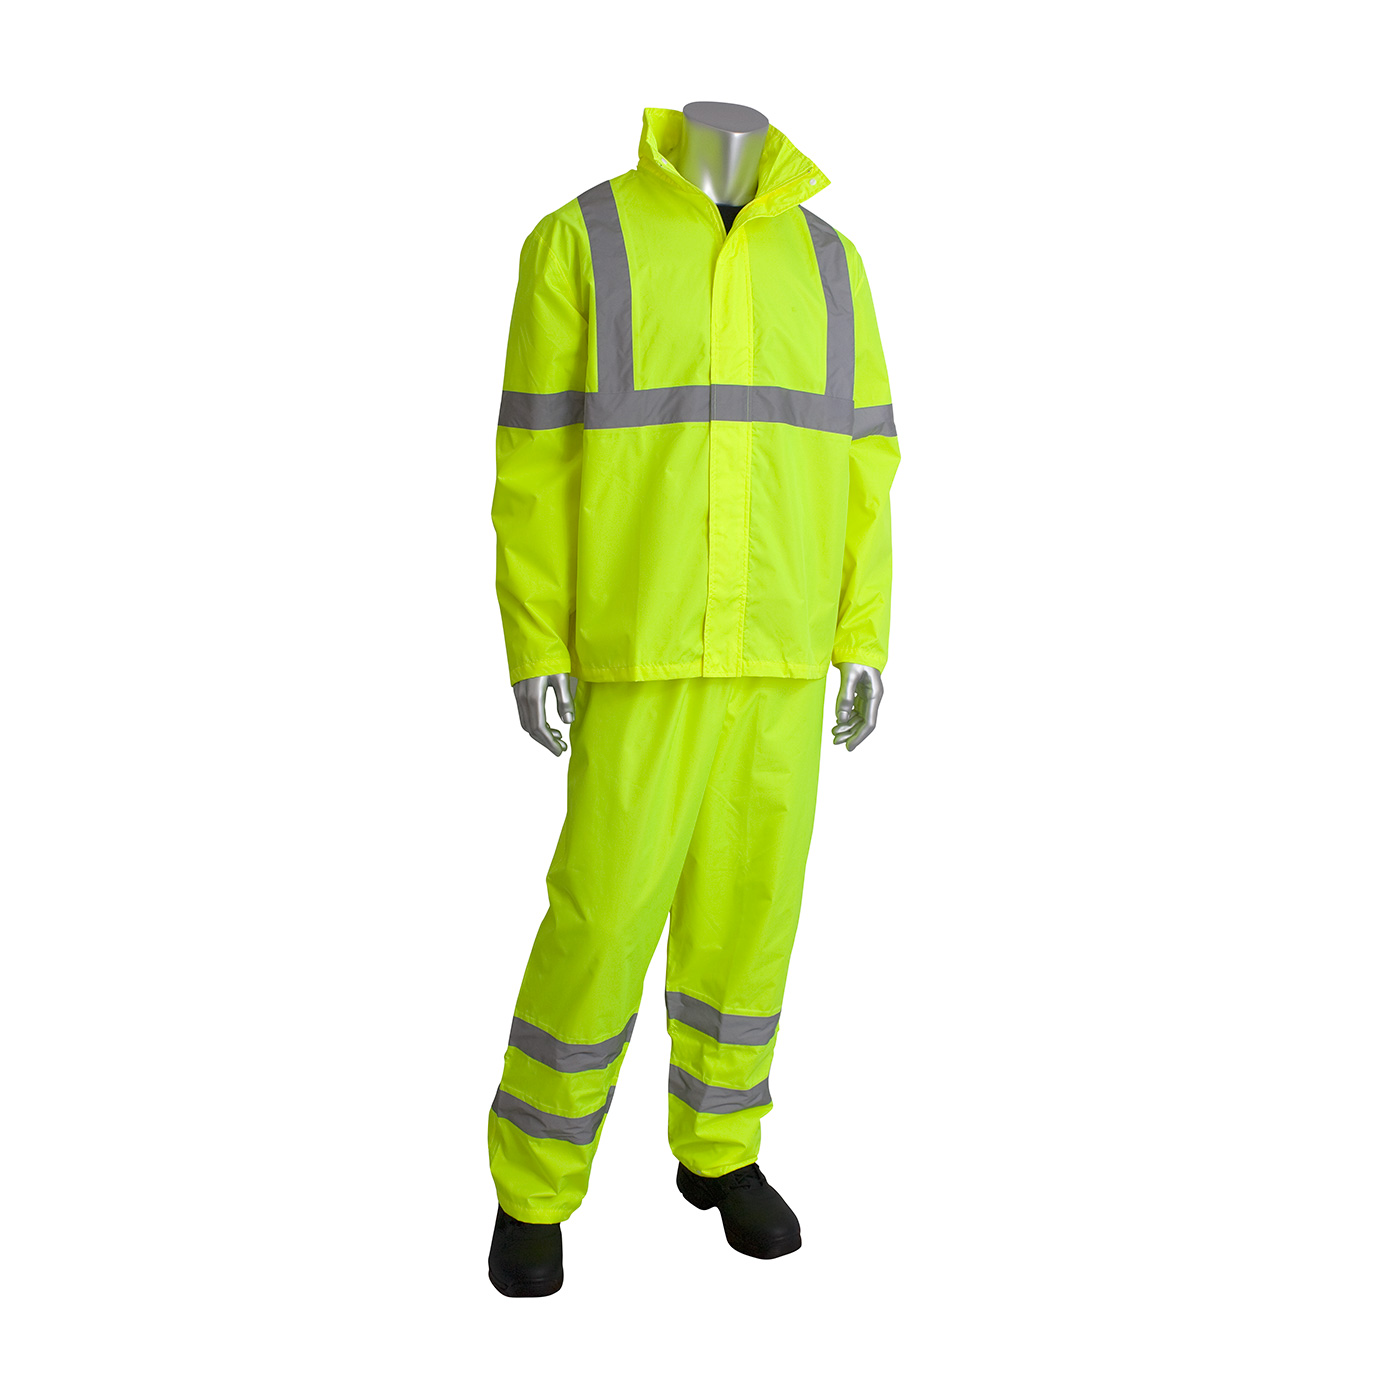 ANSI Type R Class 3 Two-Piece Value Rainsuit Set, Hi-Vis Yellow, L-XL